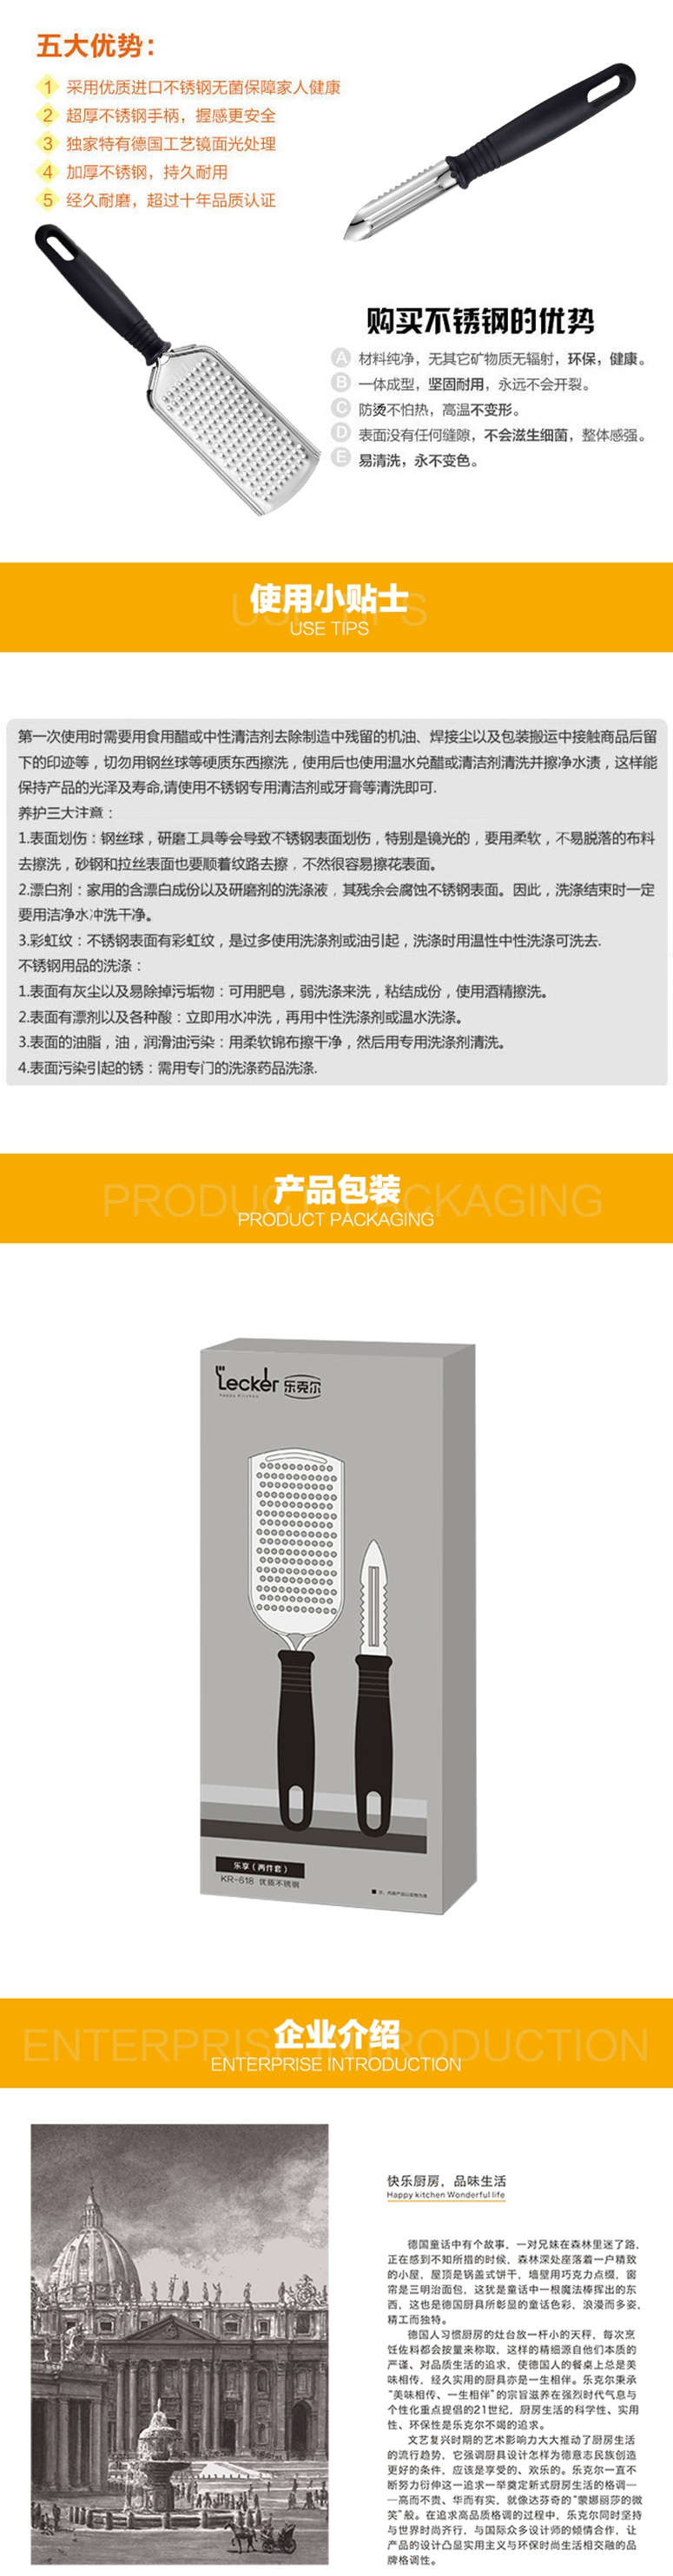 复件 7dacdc95-5750-4d75-829b-9502c4202964.jpg